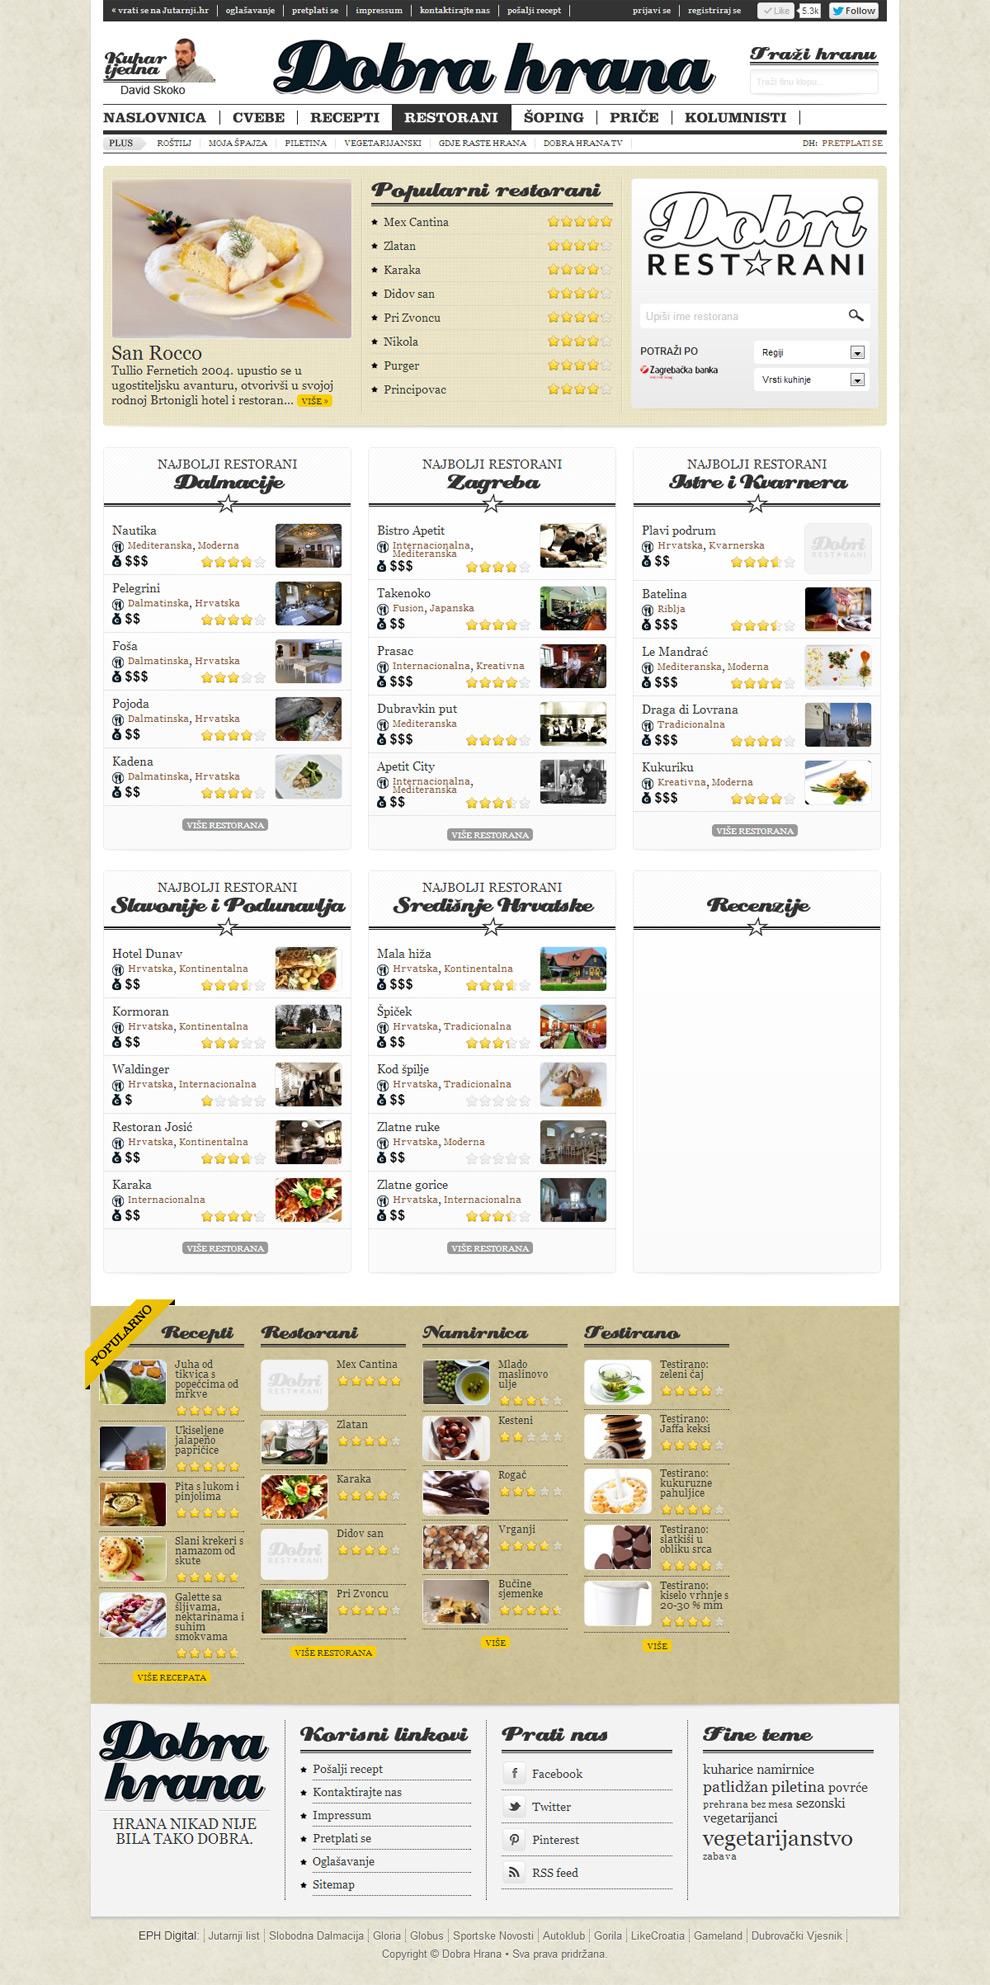 Rrestaurants page